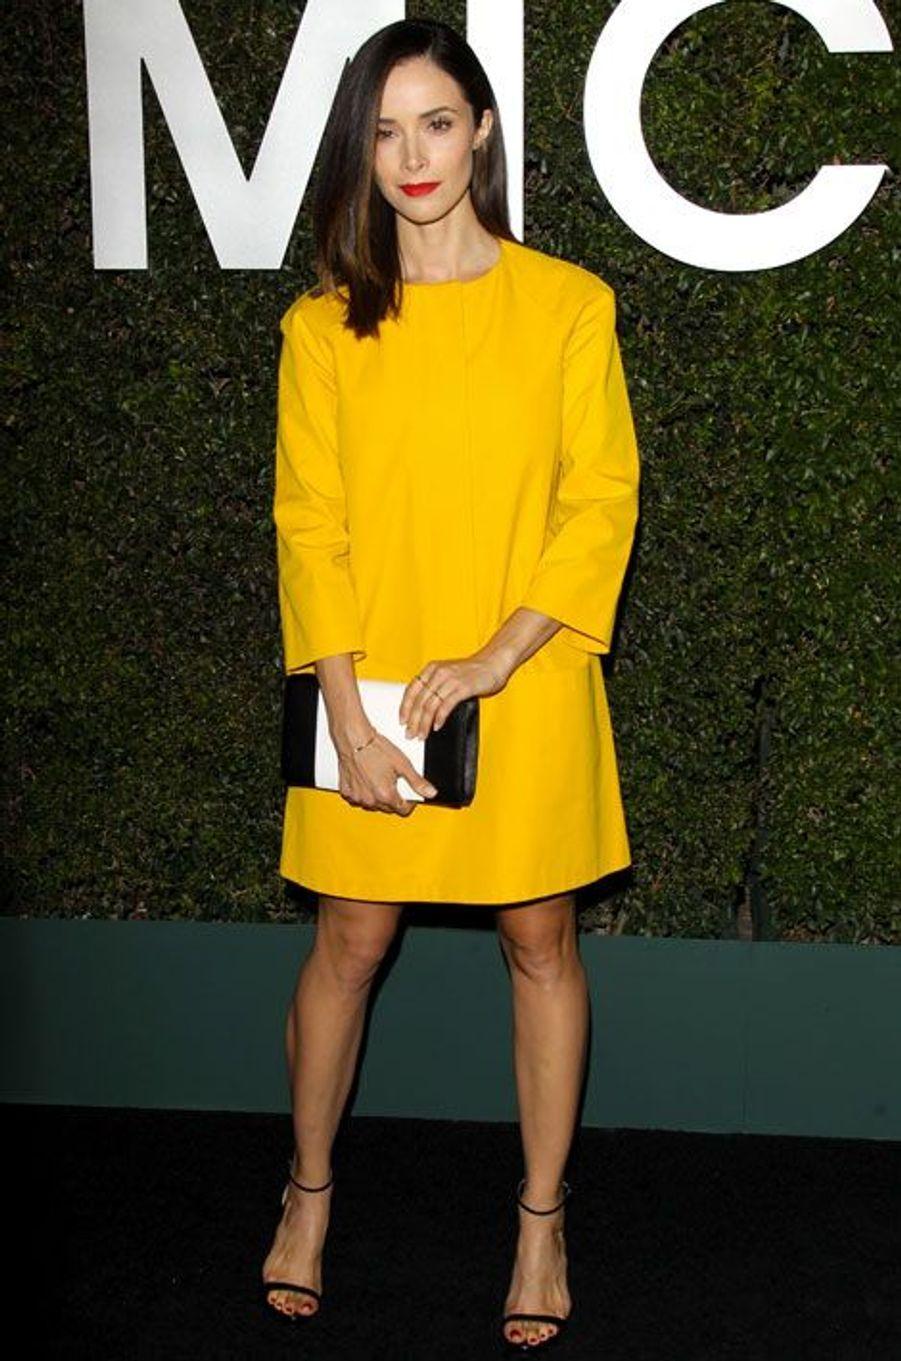 L'actrice américaine Abigail Spencer lors de la soirée Michael Kors à Beverly Hills, le 2 octobre 2014